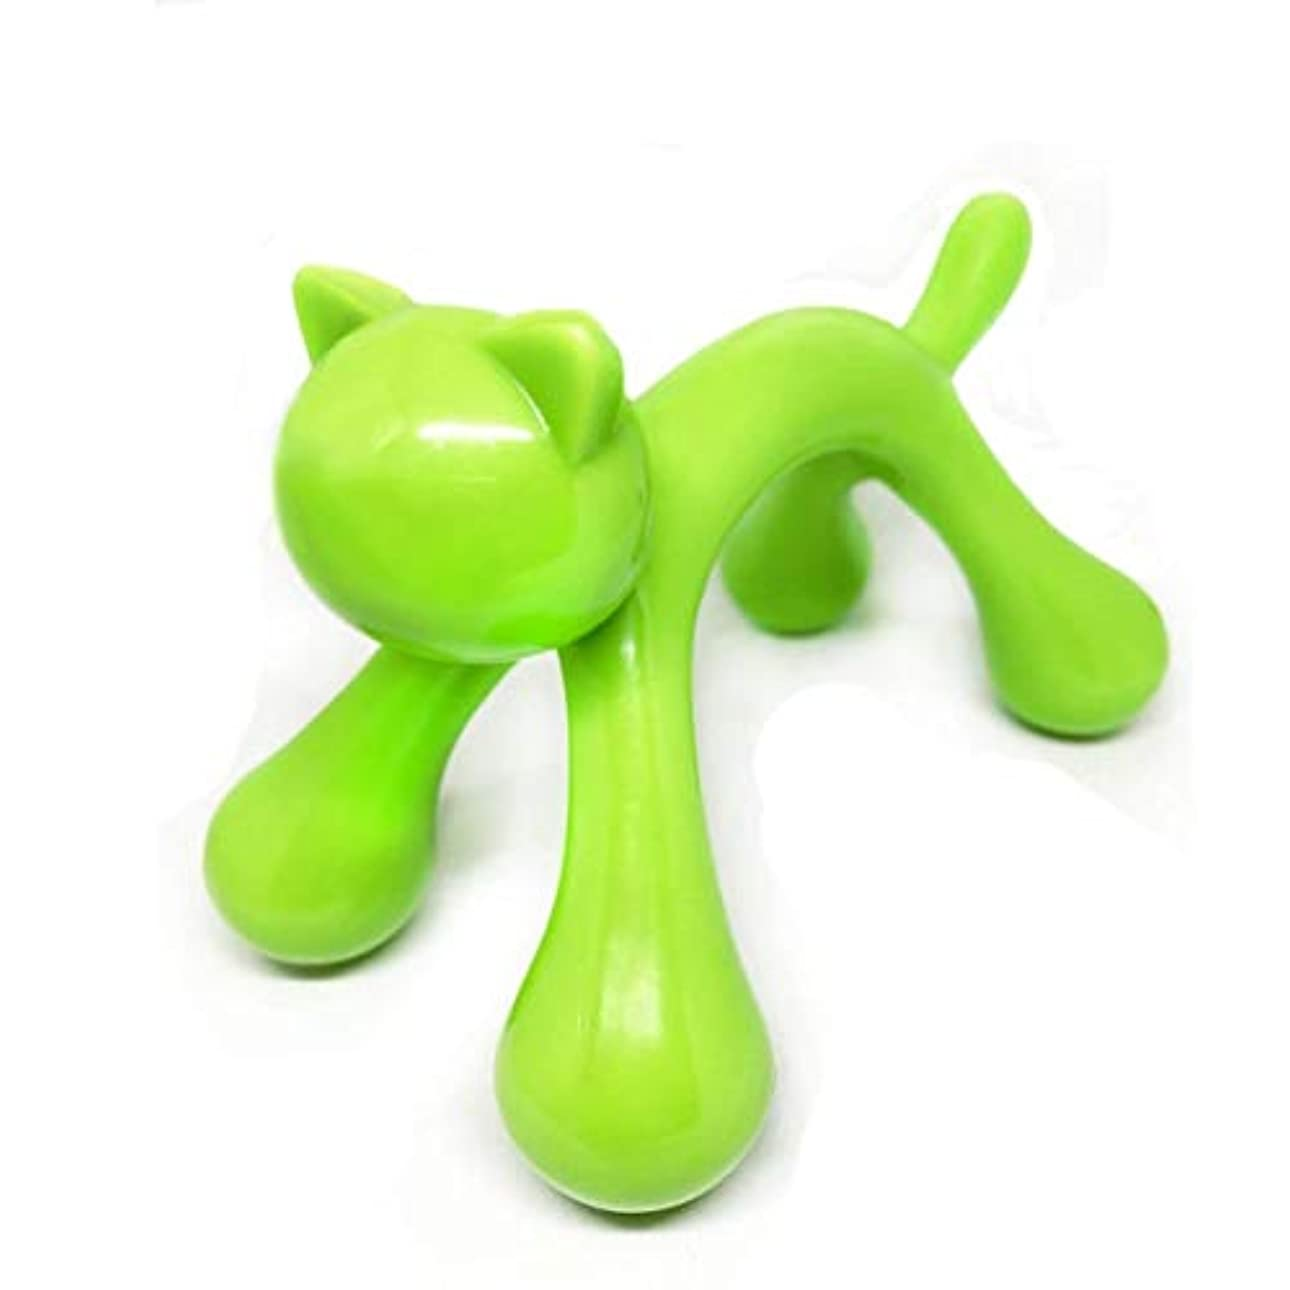 夕食を食べる固体レジデンスFlymylion マッサージ棒 ツボ押しマッサージ台 握りタイプ 背中 ウッド 疲労回復 ハンド 背中 首 肩こり解消 可愛いネコ型 (グリーン)